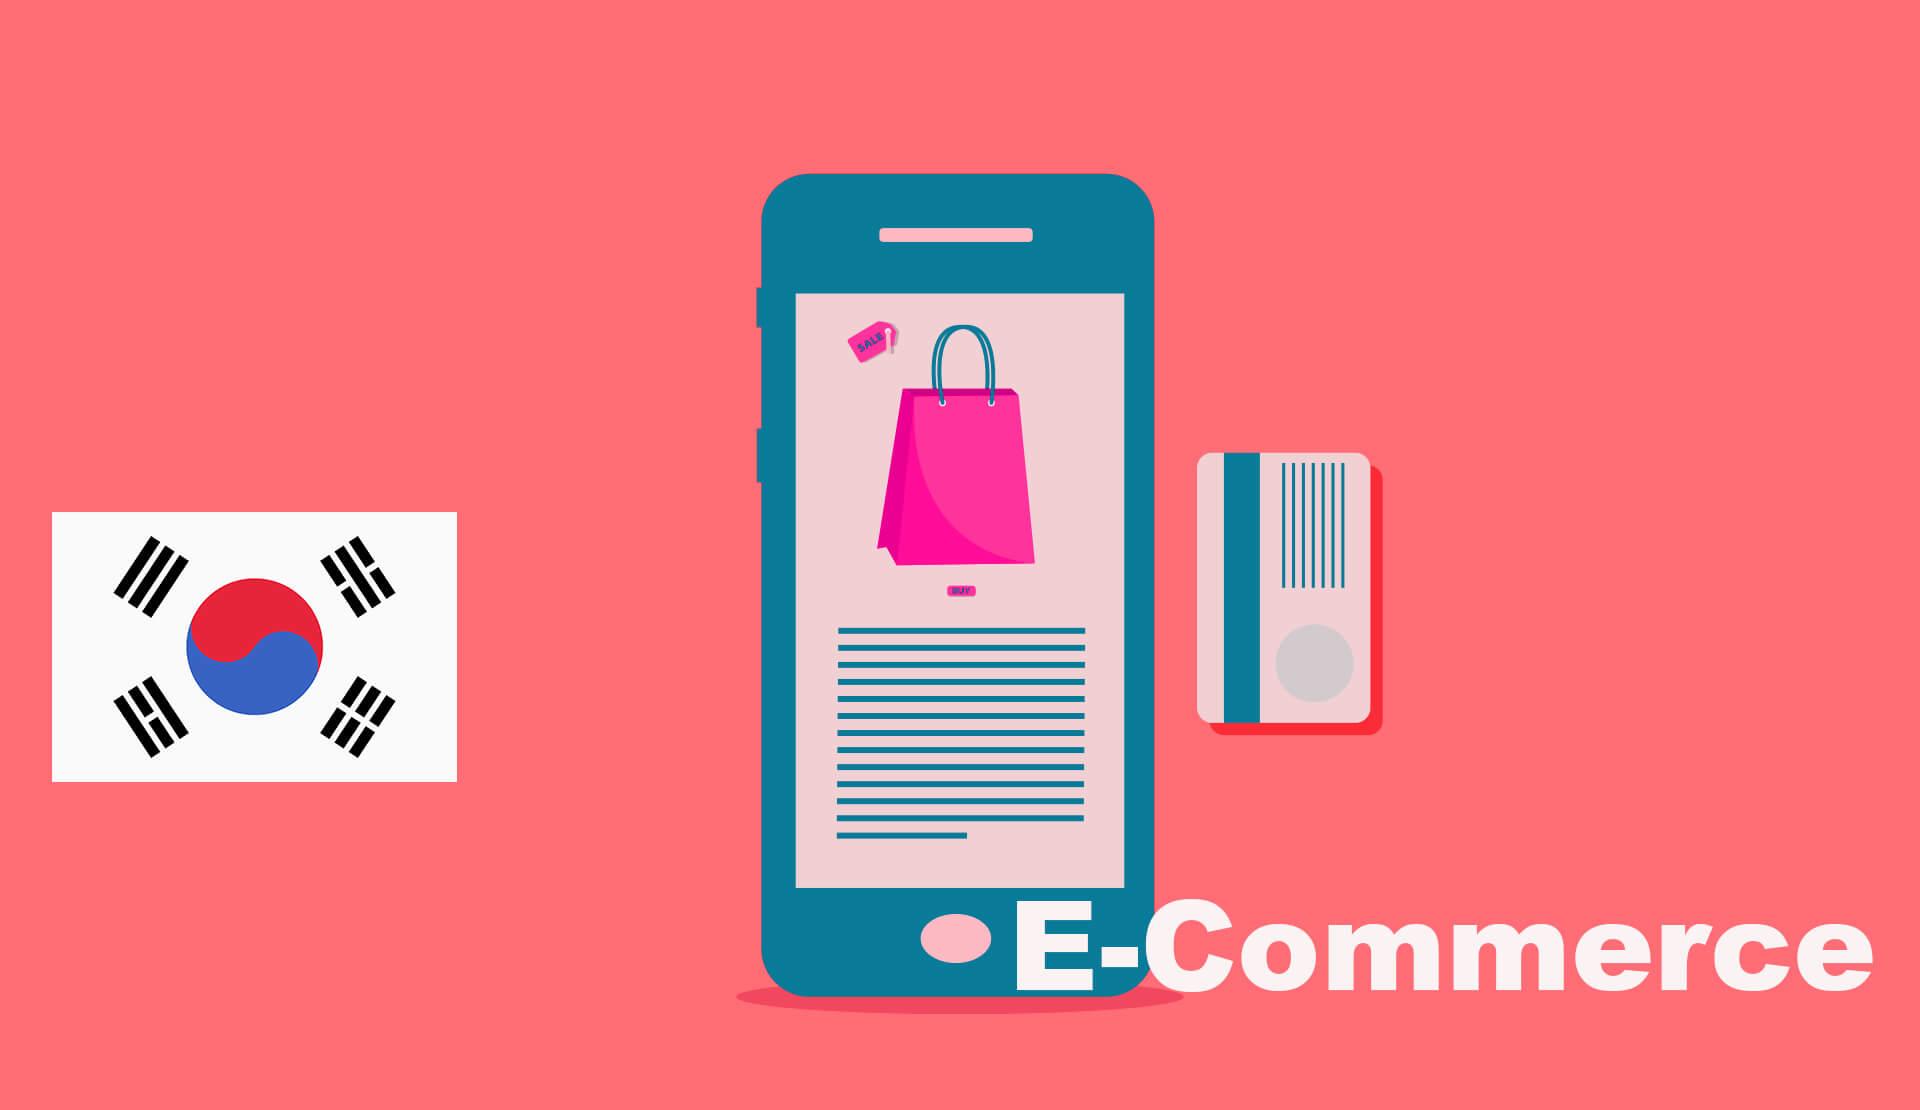 韓国EC(通販)の基礎知識 | 人気ECサイトランキング・市場規模・EC決済事情…ほか